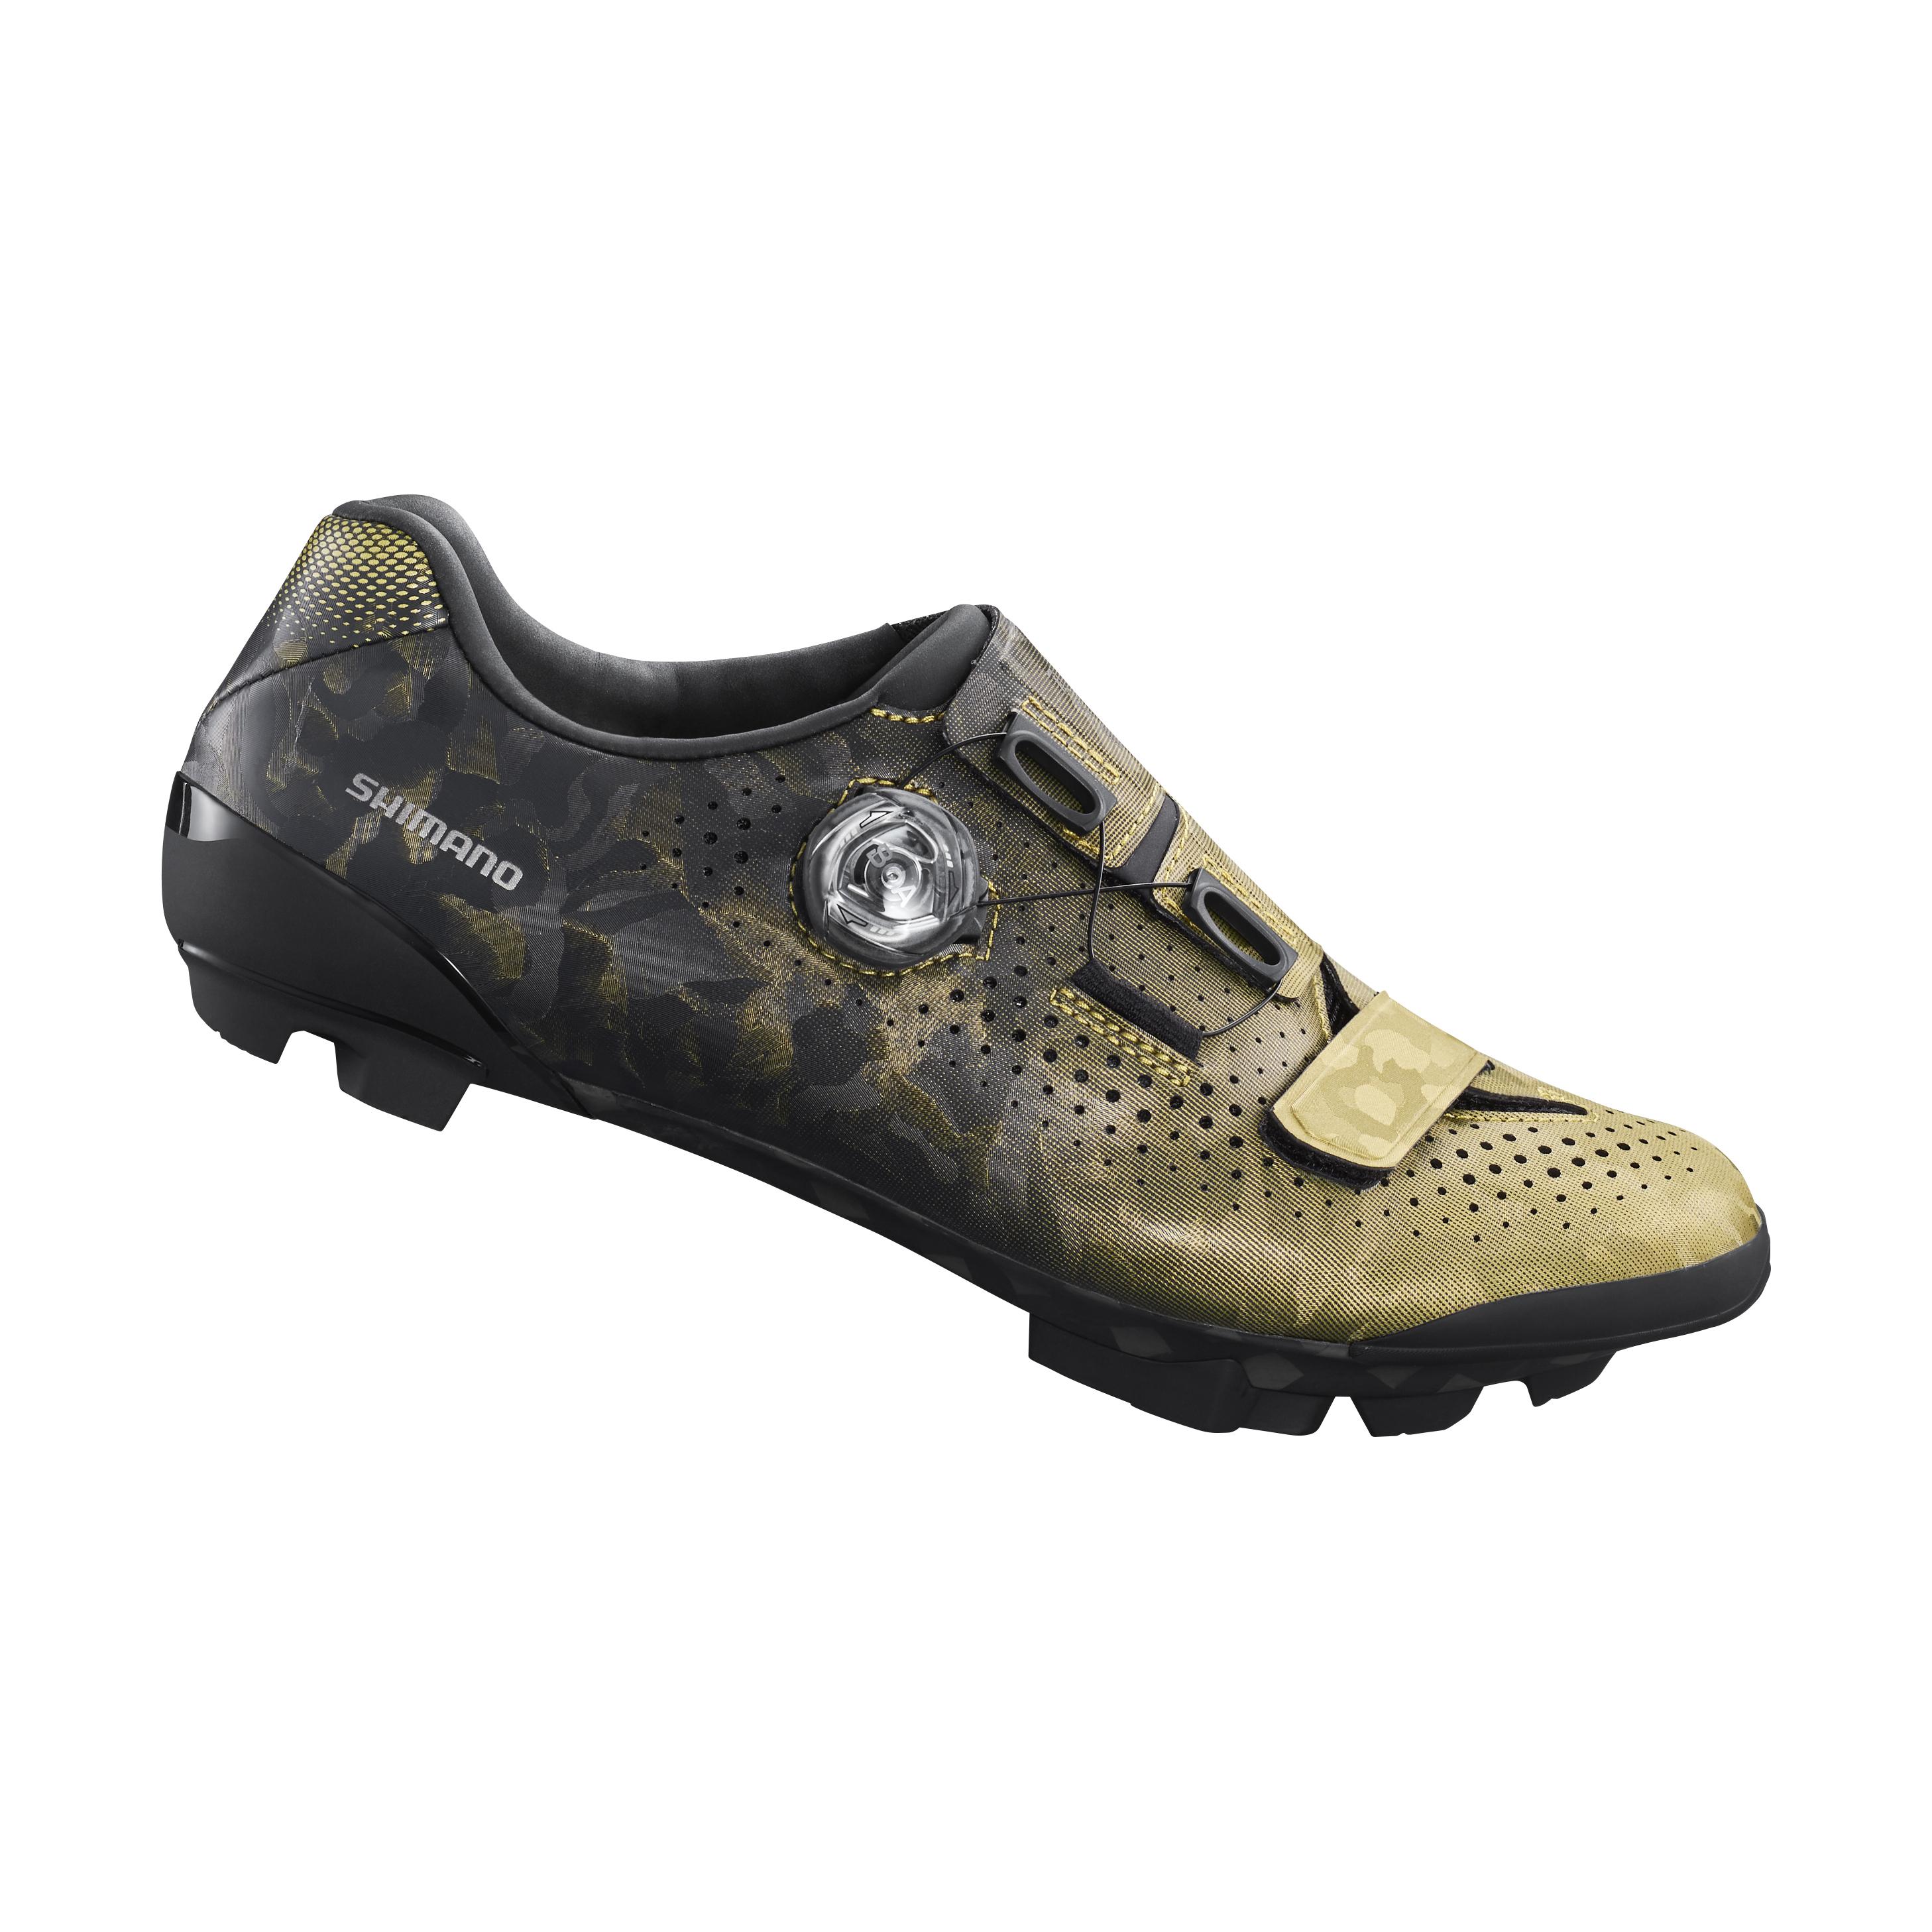 SHIMANO gravel obuv SH-RX800, dámská, zlatá, 36